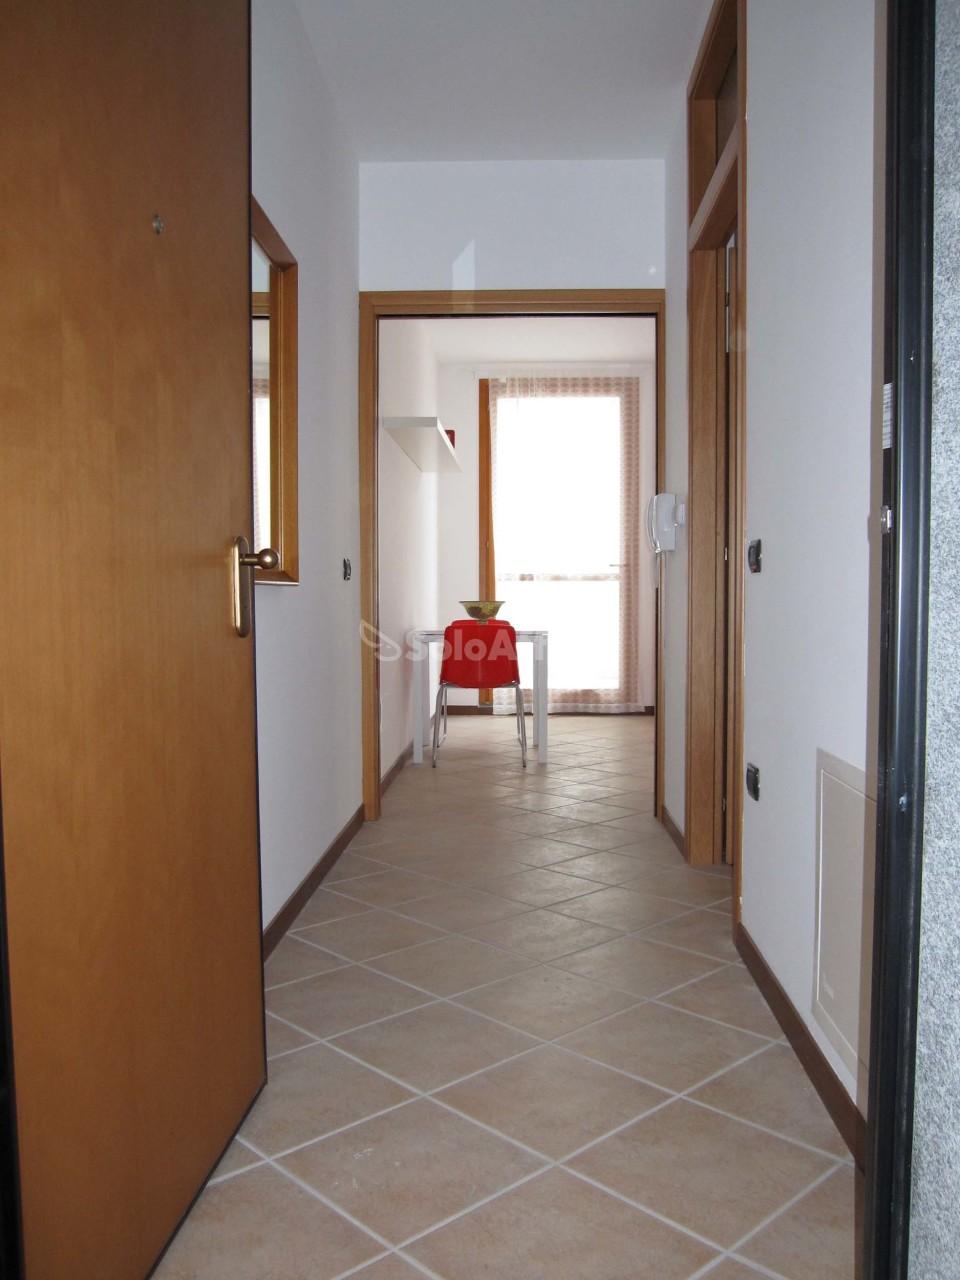 Appartamento in affitto a Uboldo, 2 locali, prezzo € 530 | PortaleAgenzieImmobiliari.it